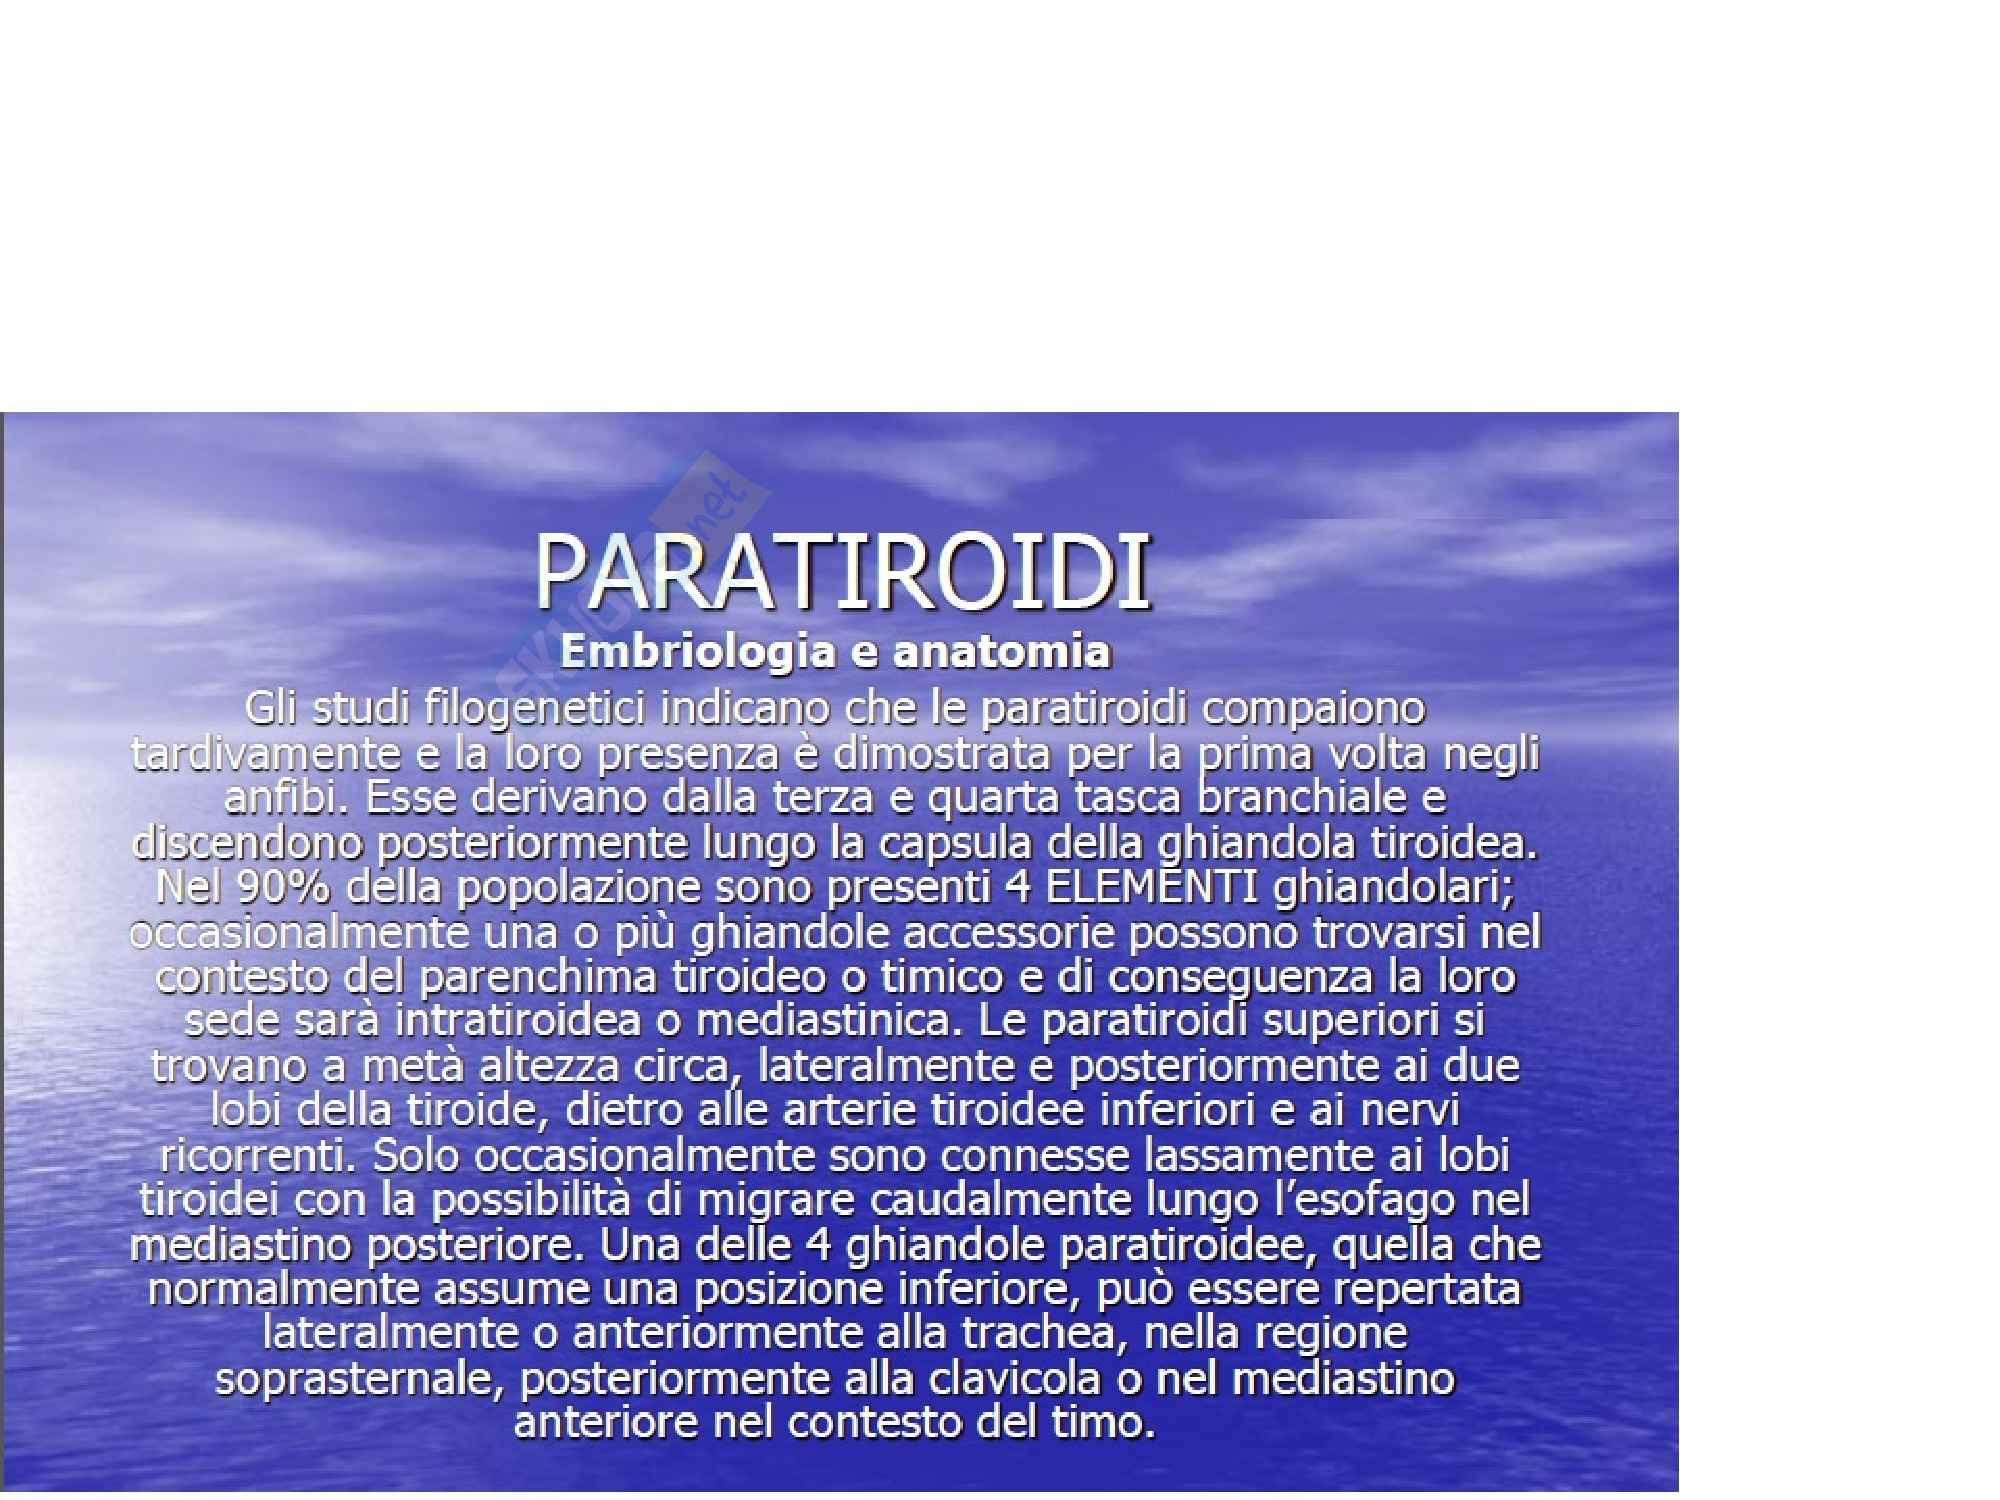 Chirurgia - Paratiroidi PTH e calcemia